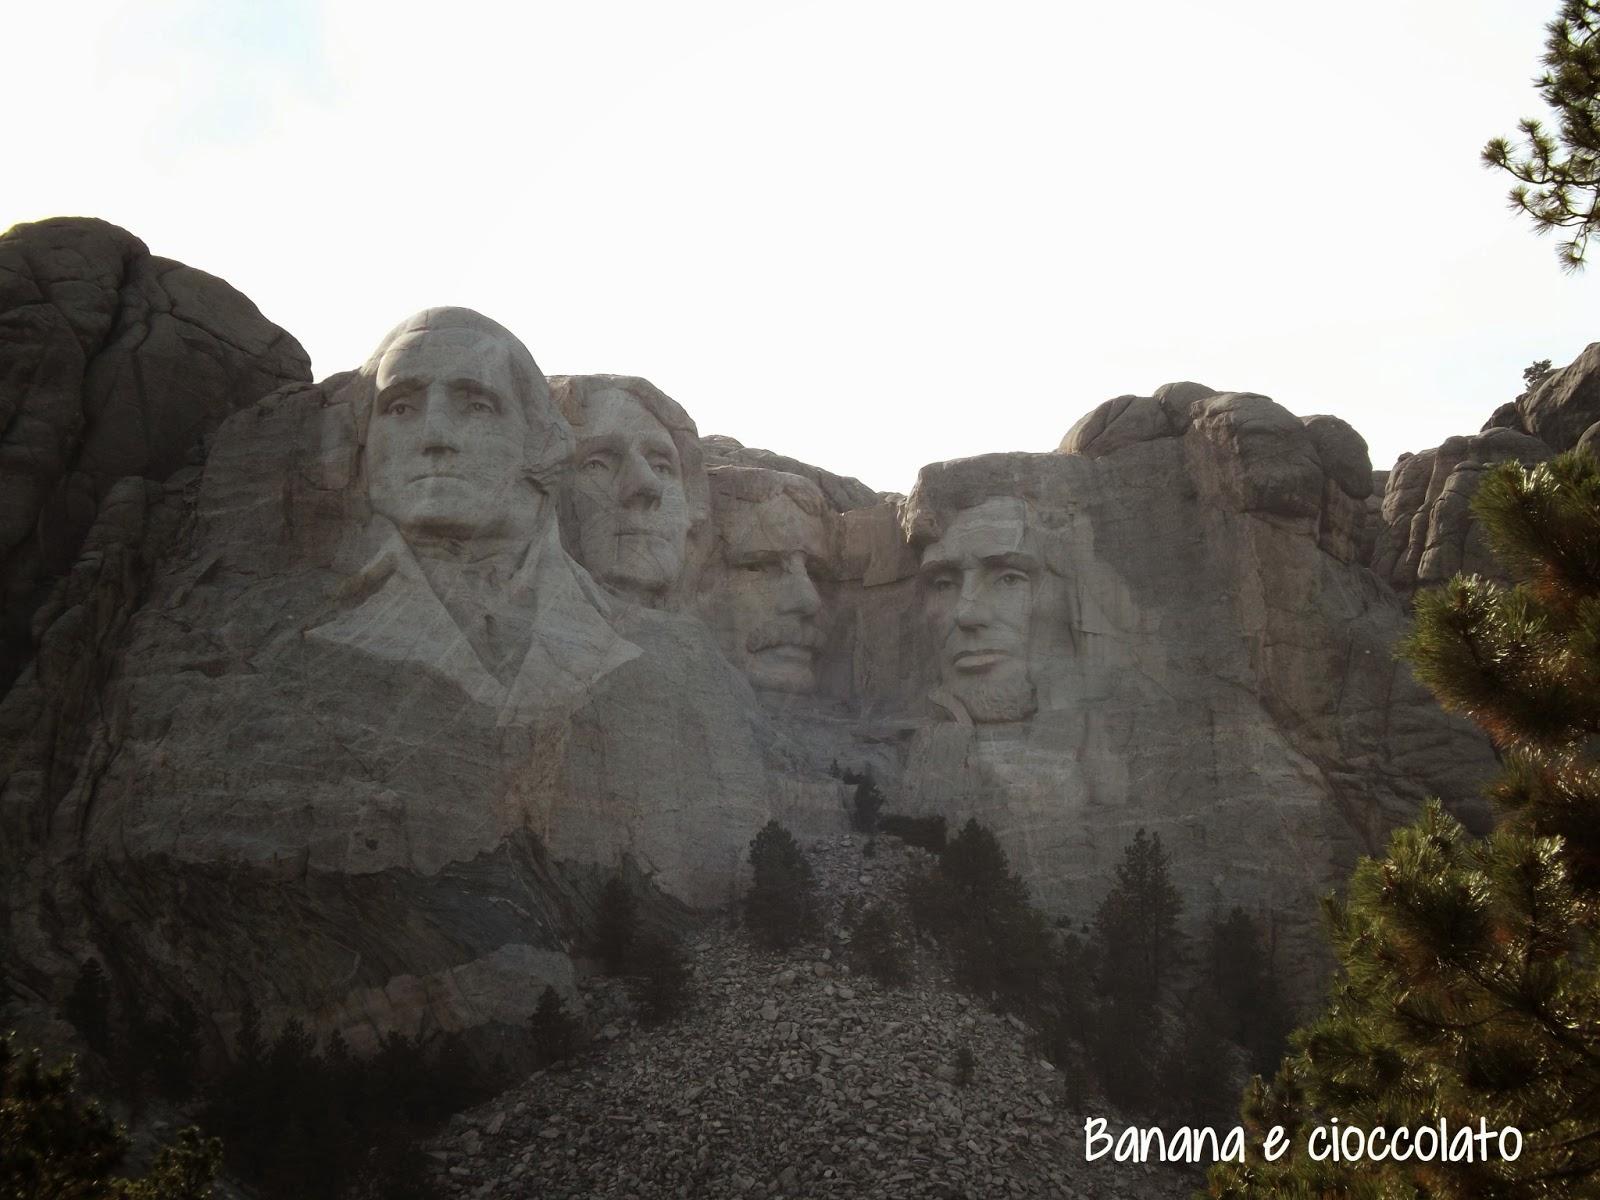 monte Rushmore, silvia diemmi, banana e cioccolato